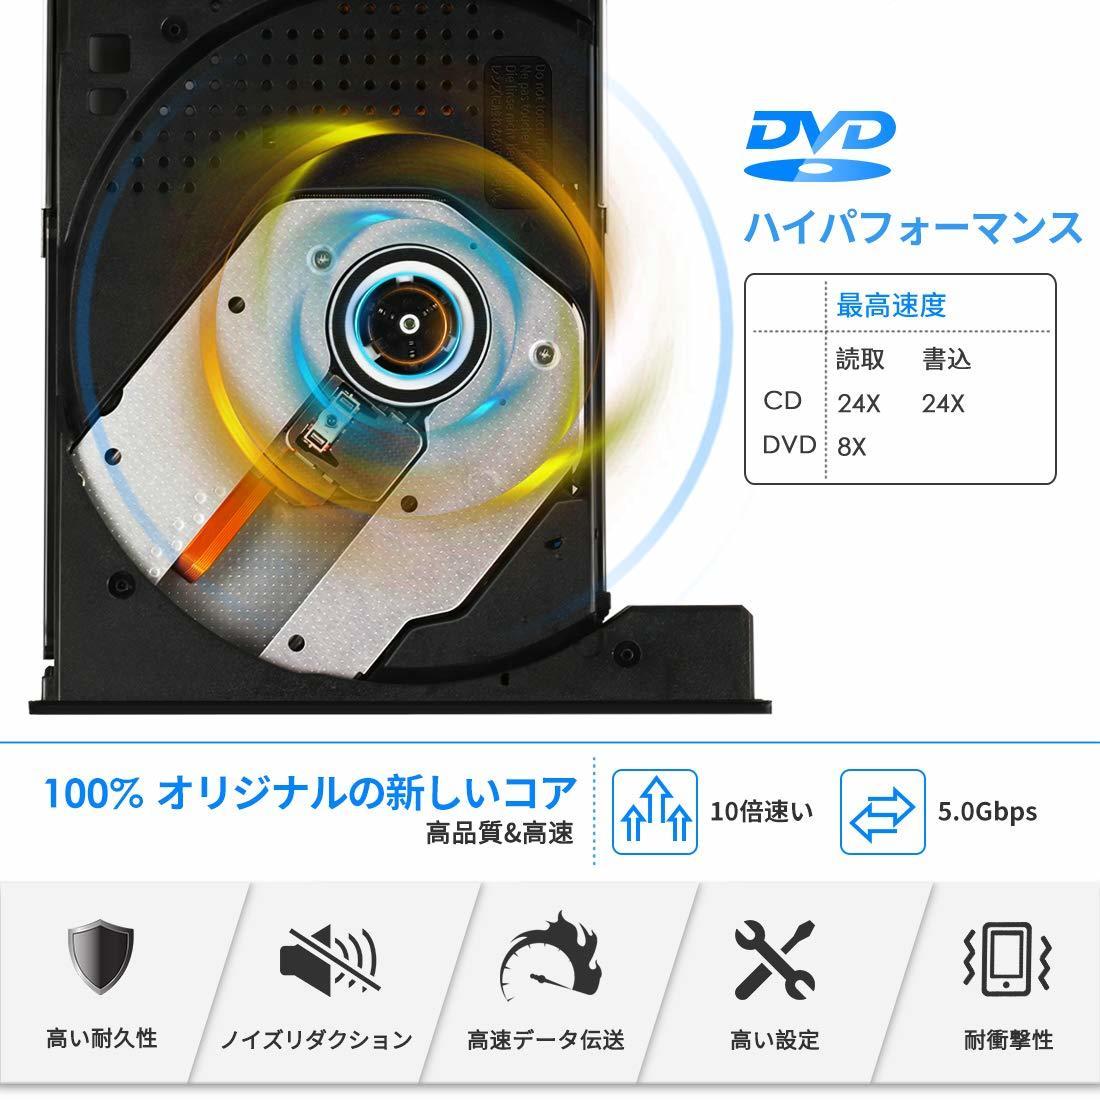 【作業効率化!】21C【2019最新型】USB3.0 外付け DVD ドライブ DVD プレーヤー USB ポータブルドライブ USB3.0 Type-C 薄型 _画像4